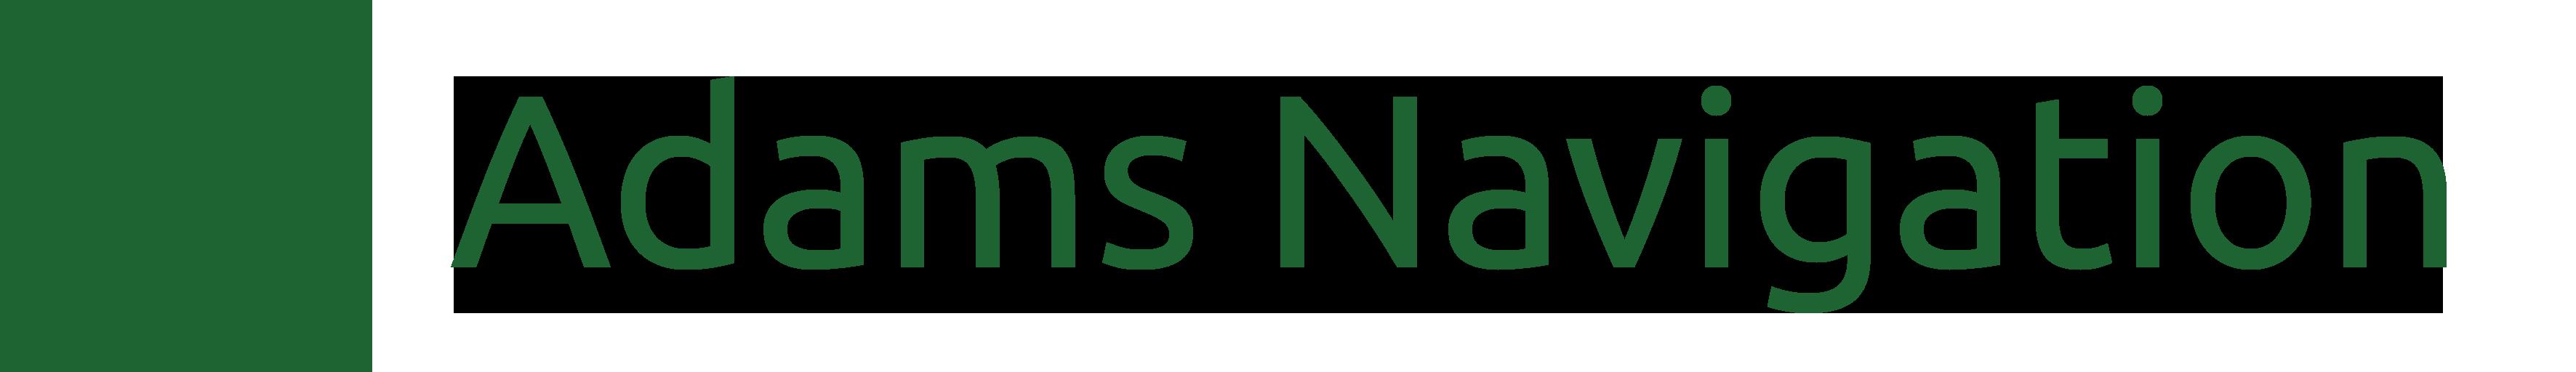 Adams Navigation